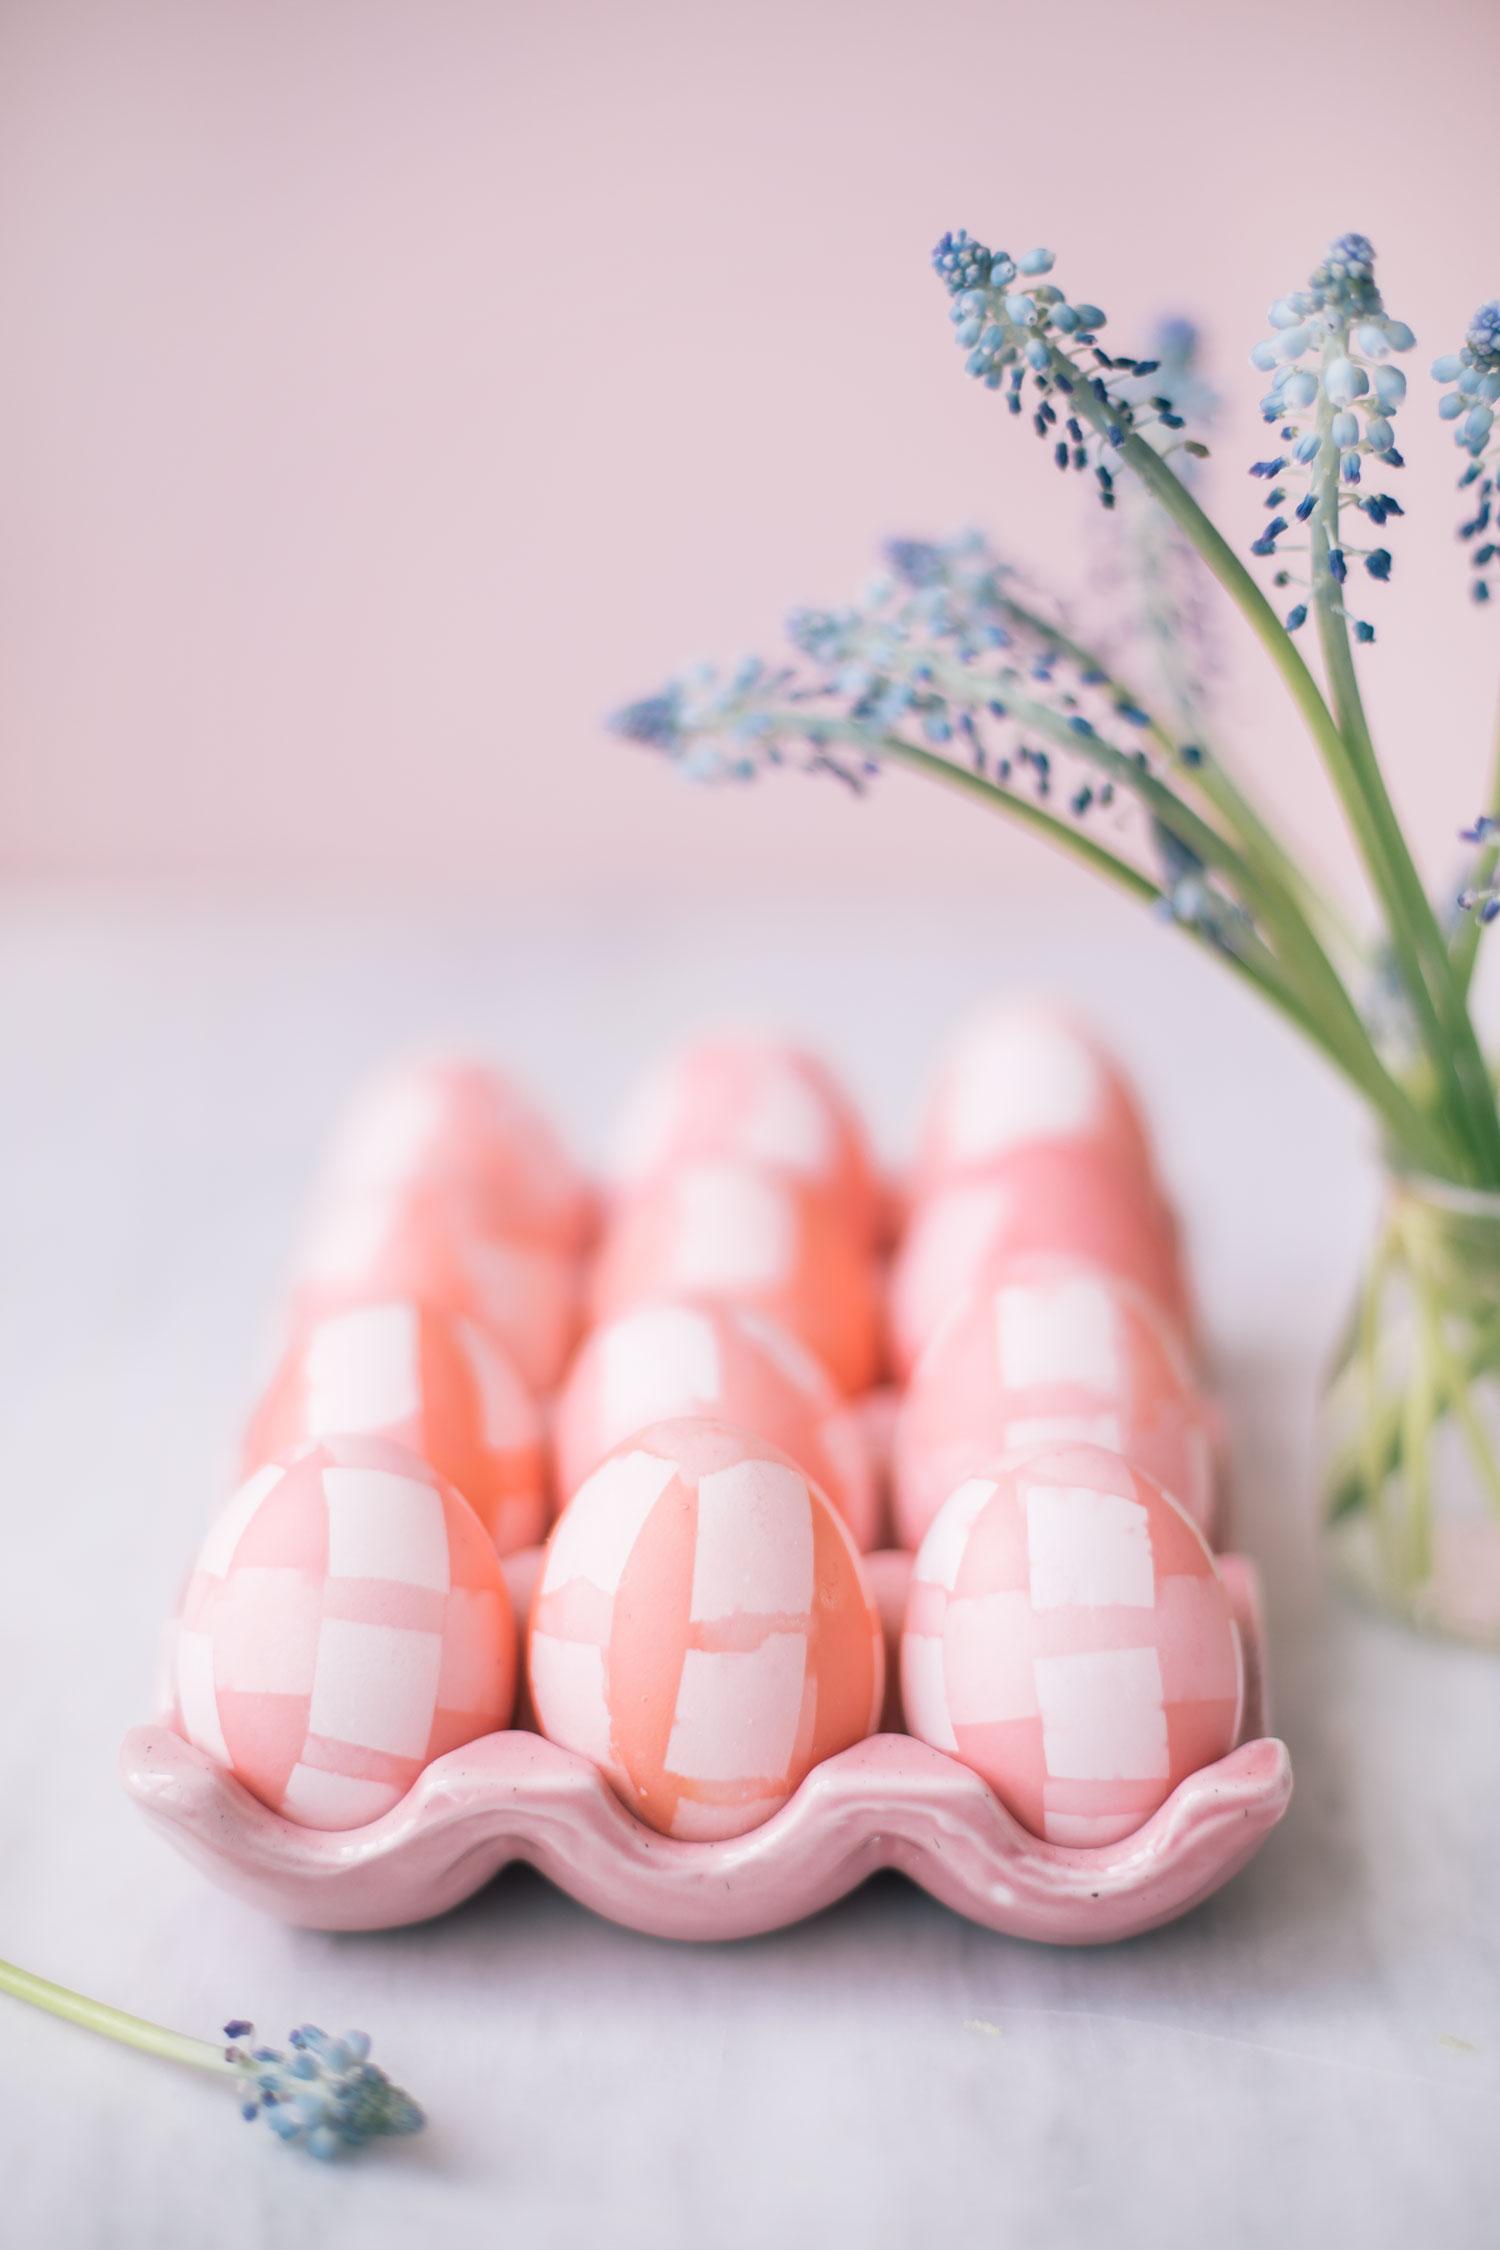 los mejores ejemplos sobre como hacer huevos de pascua, decoración primaveral casera